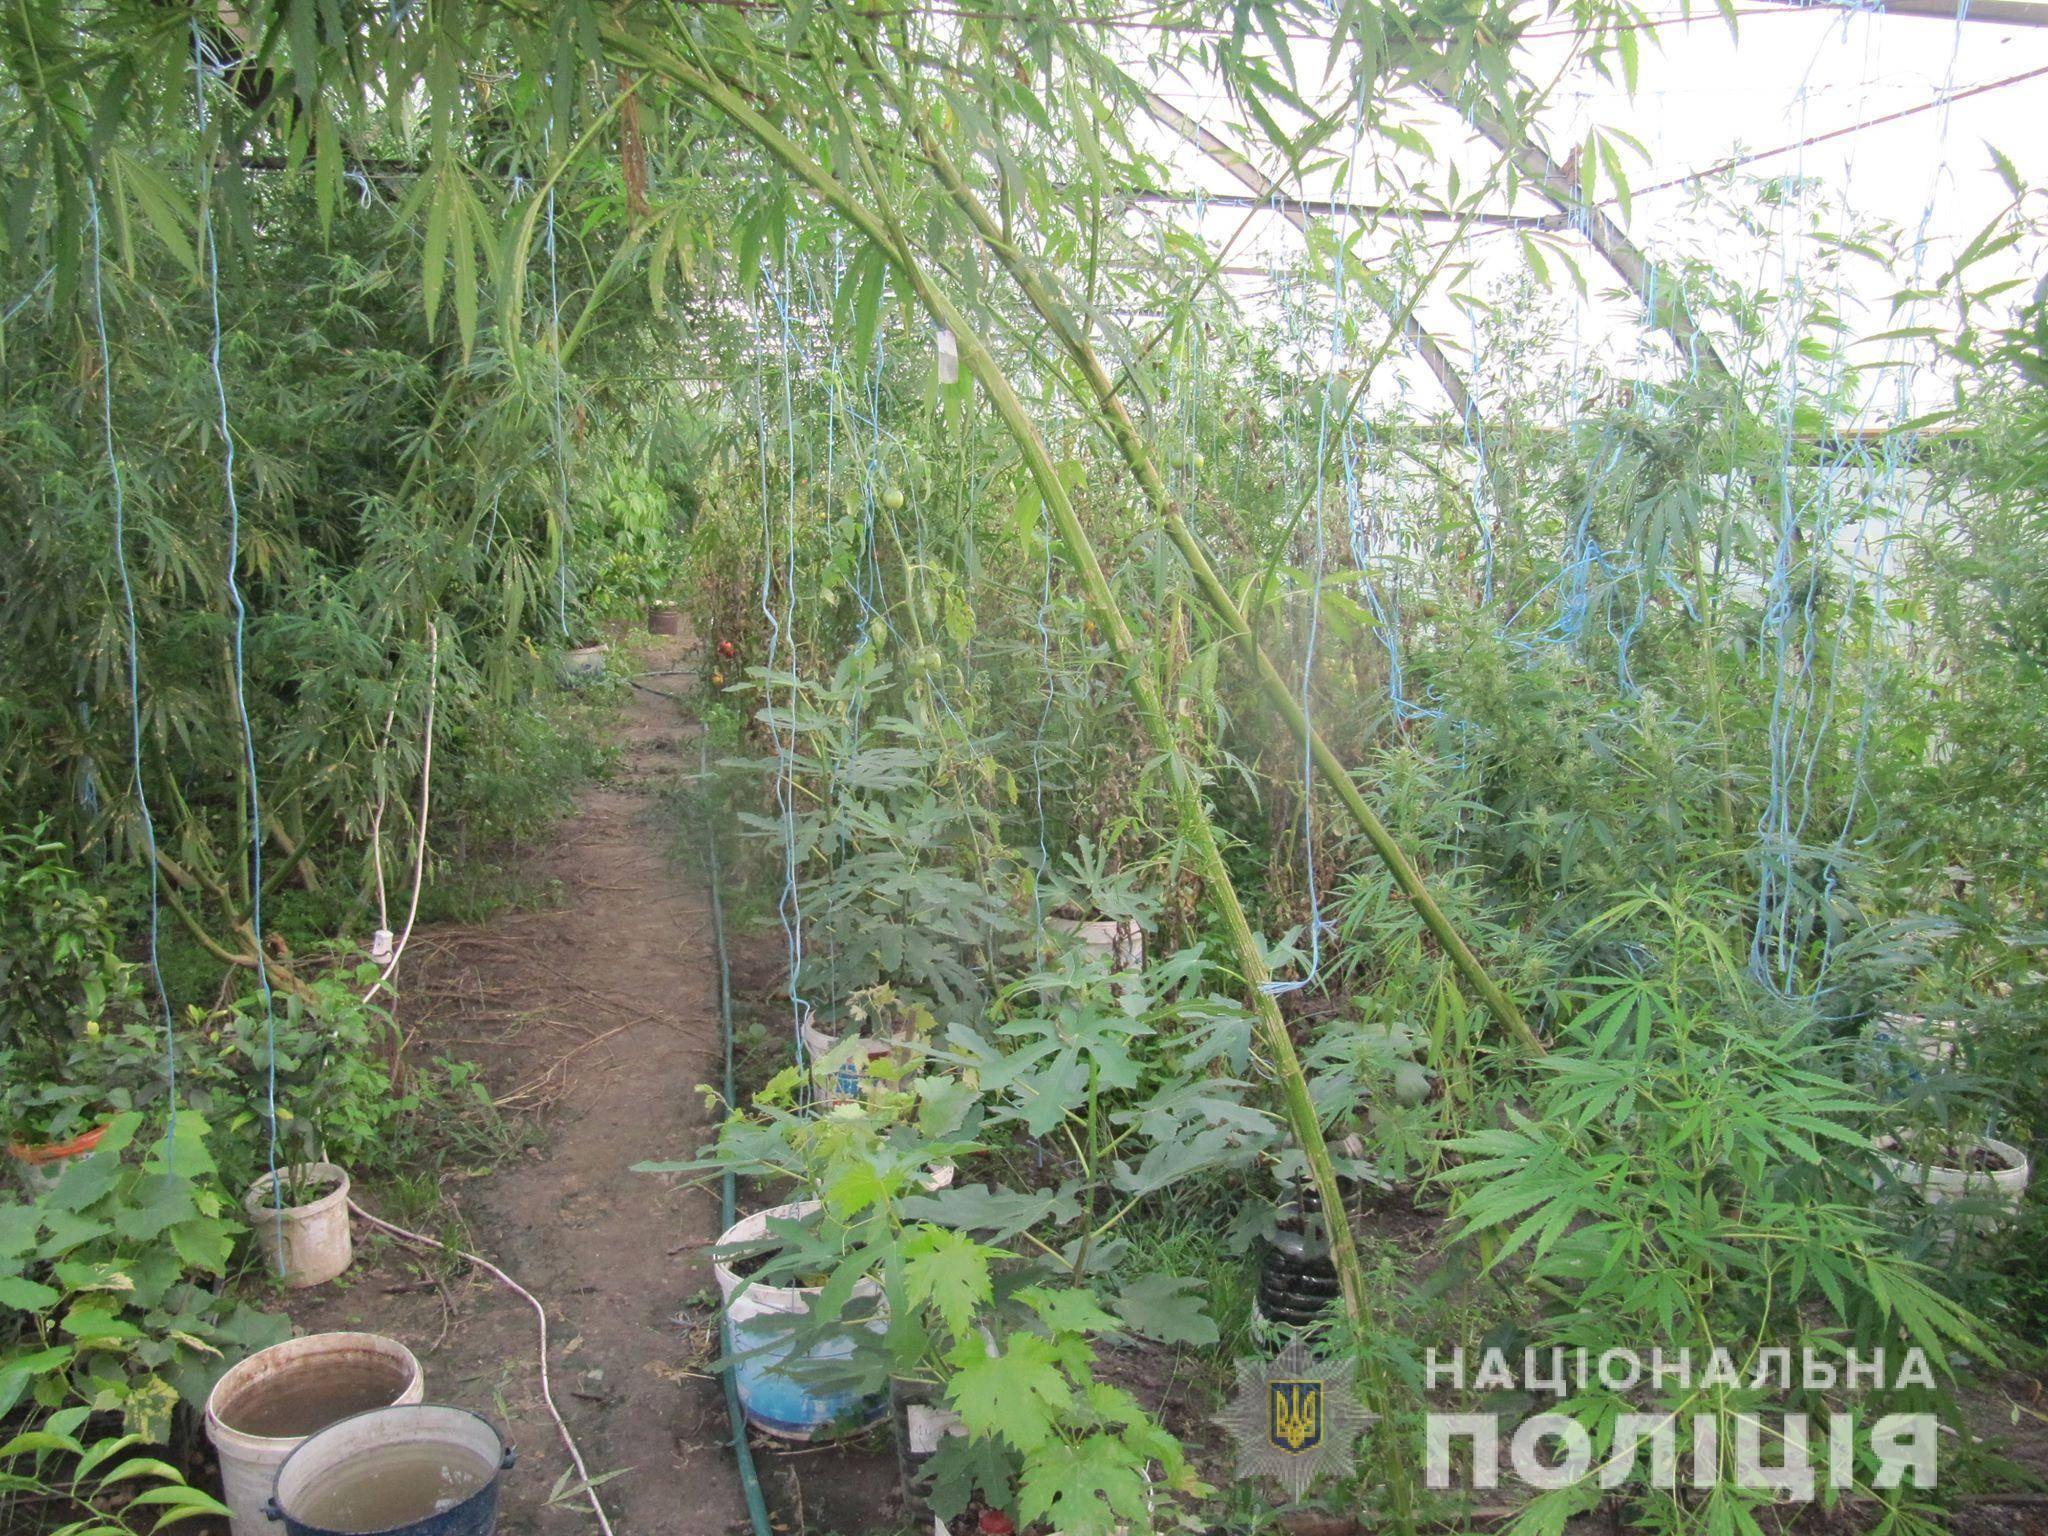 Соседство культур в теплице: что можно сажать вместе с помидорами?